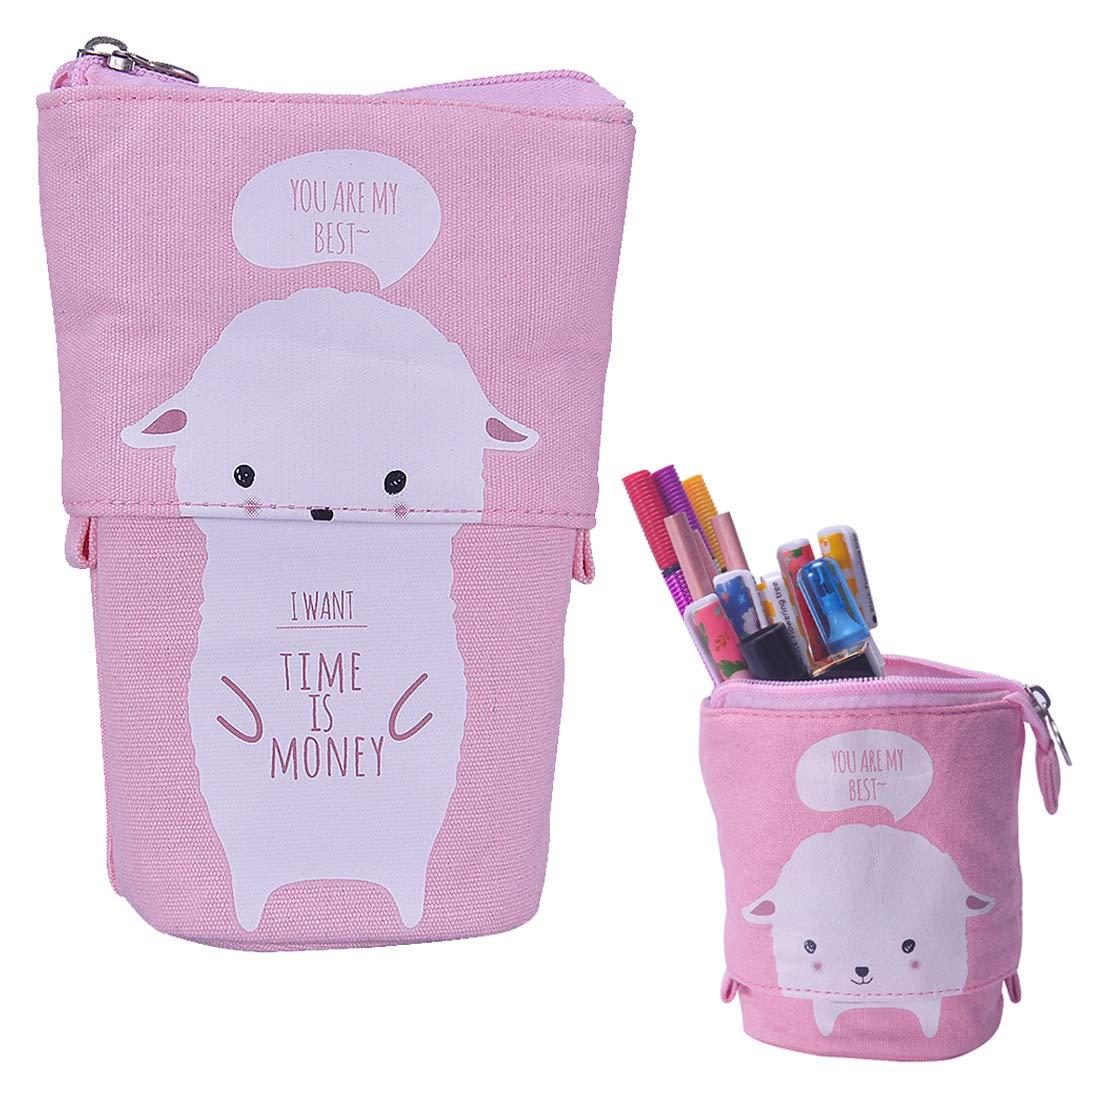 oyachic 1 pieza estuche Pencil Case bolsa de lápiz de animales Retractable lápices funda estuche Gran Capacidad estuche escolar lona estuche para ...